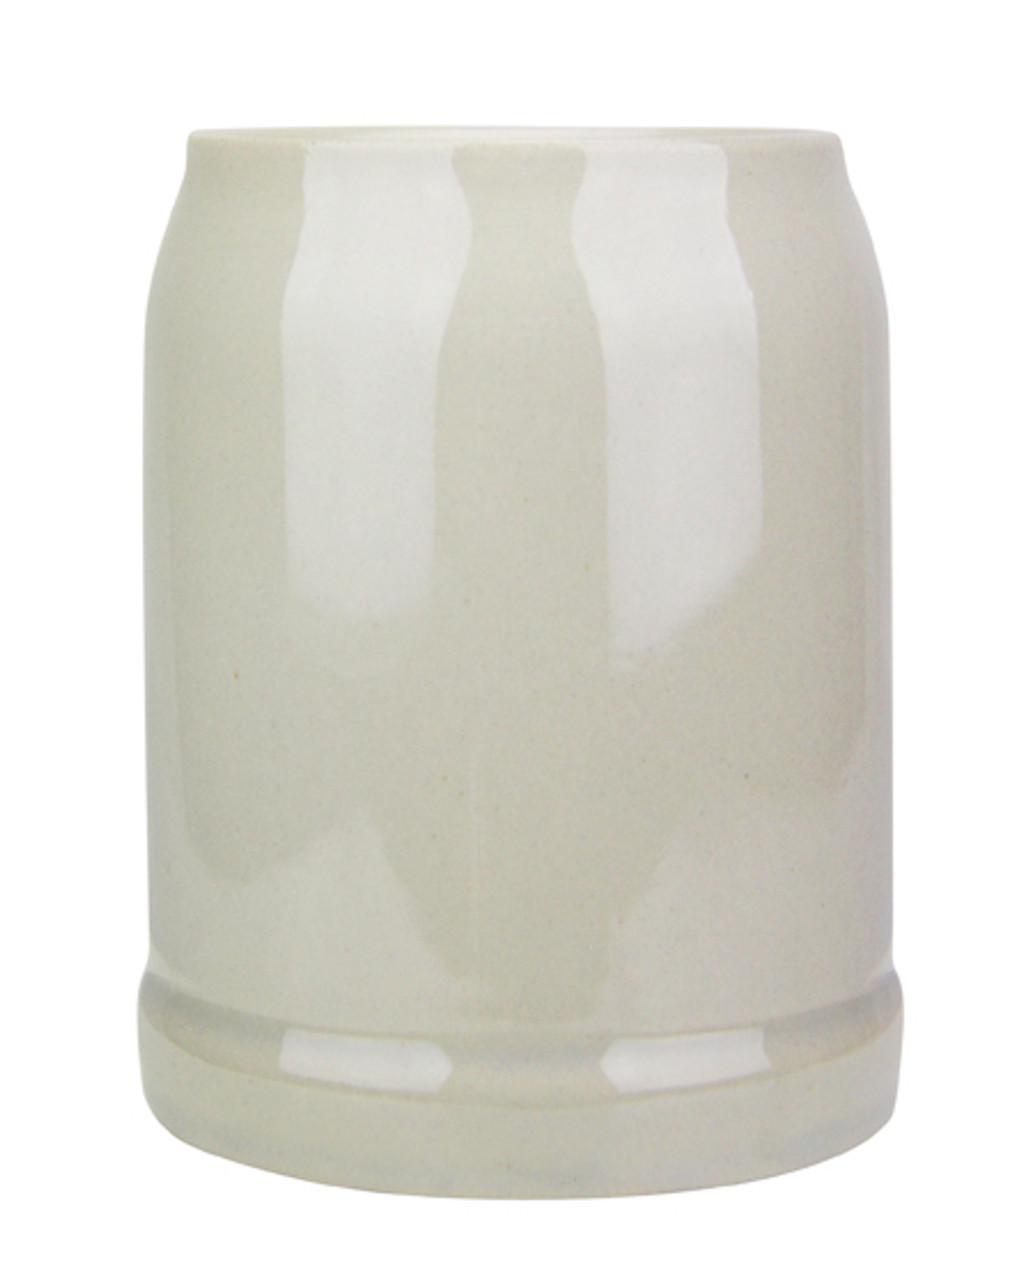 Front View, .5 Liter German Stoneware Beer Mug